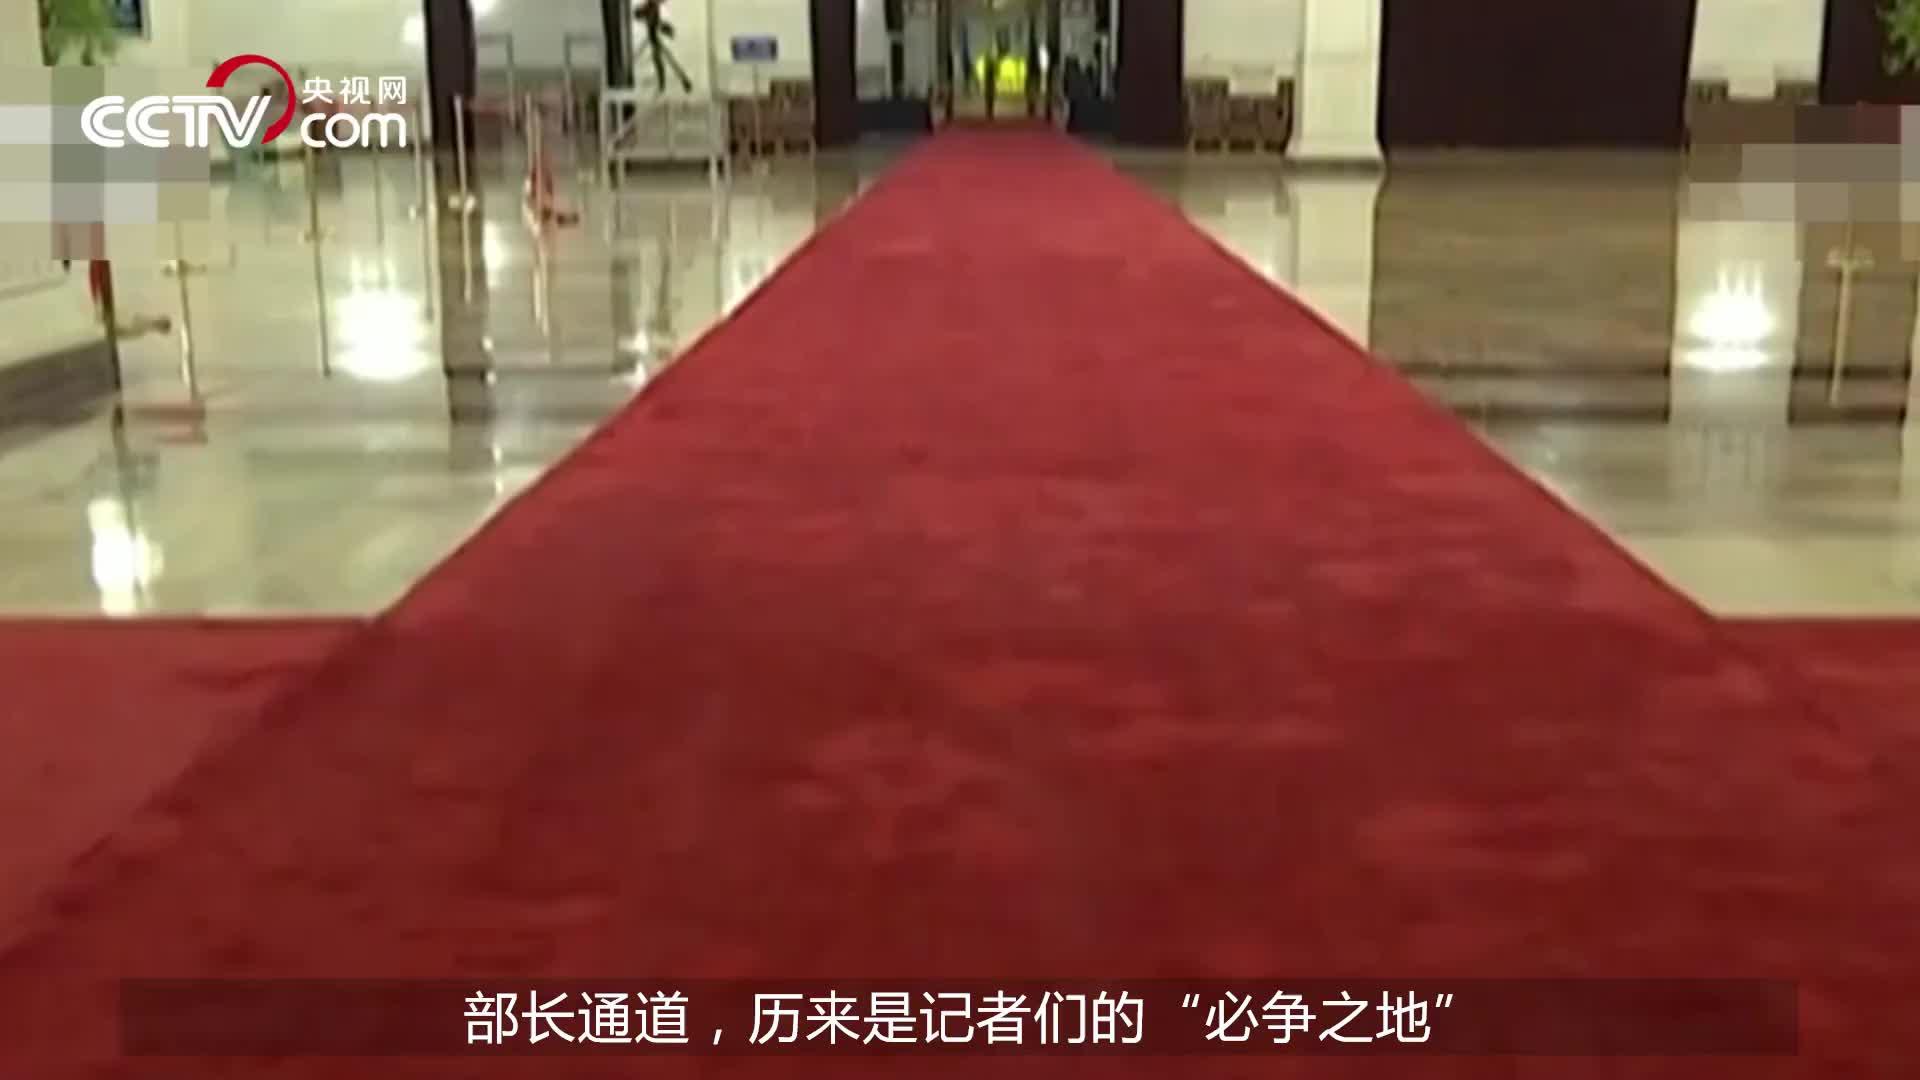 [视频]这条人民大会堂里的红地毯不一般